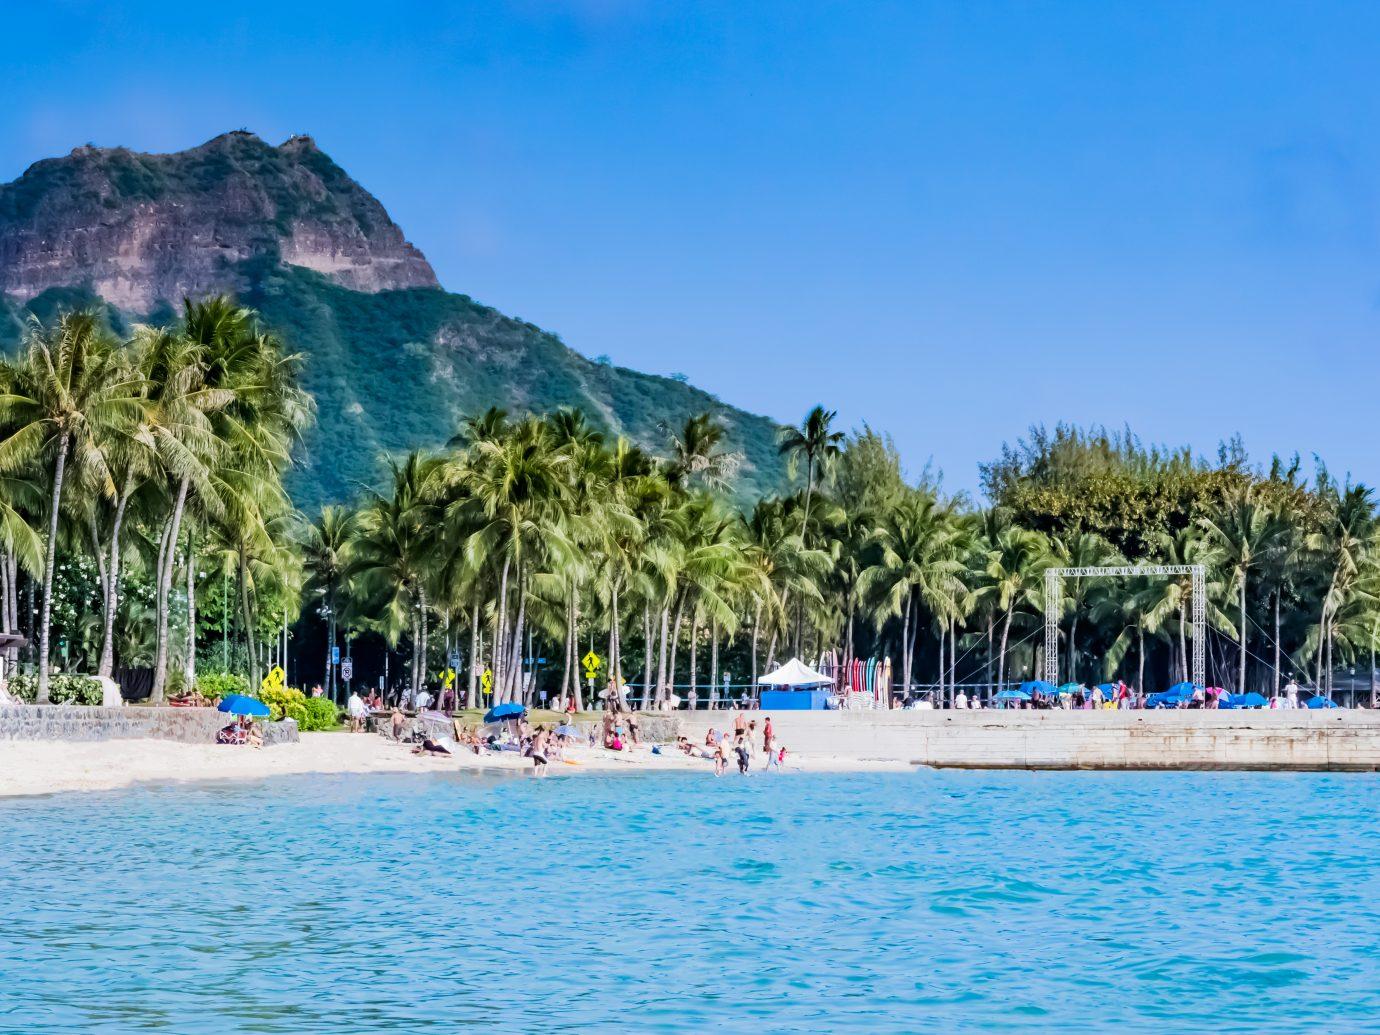 Diamond Head in Waikiki beach